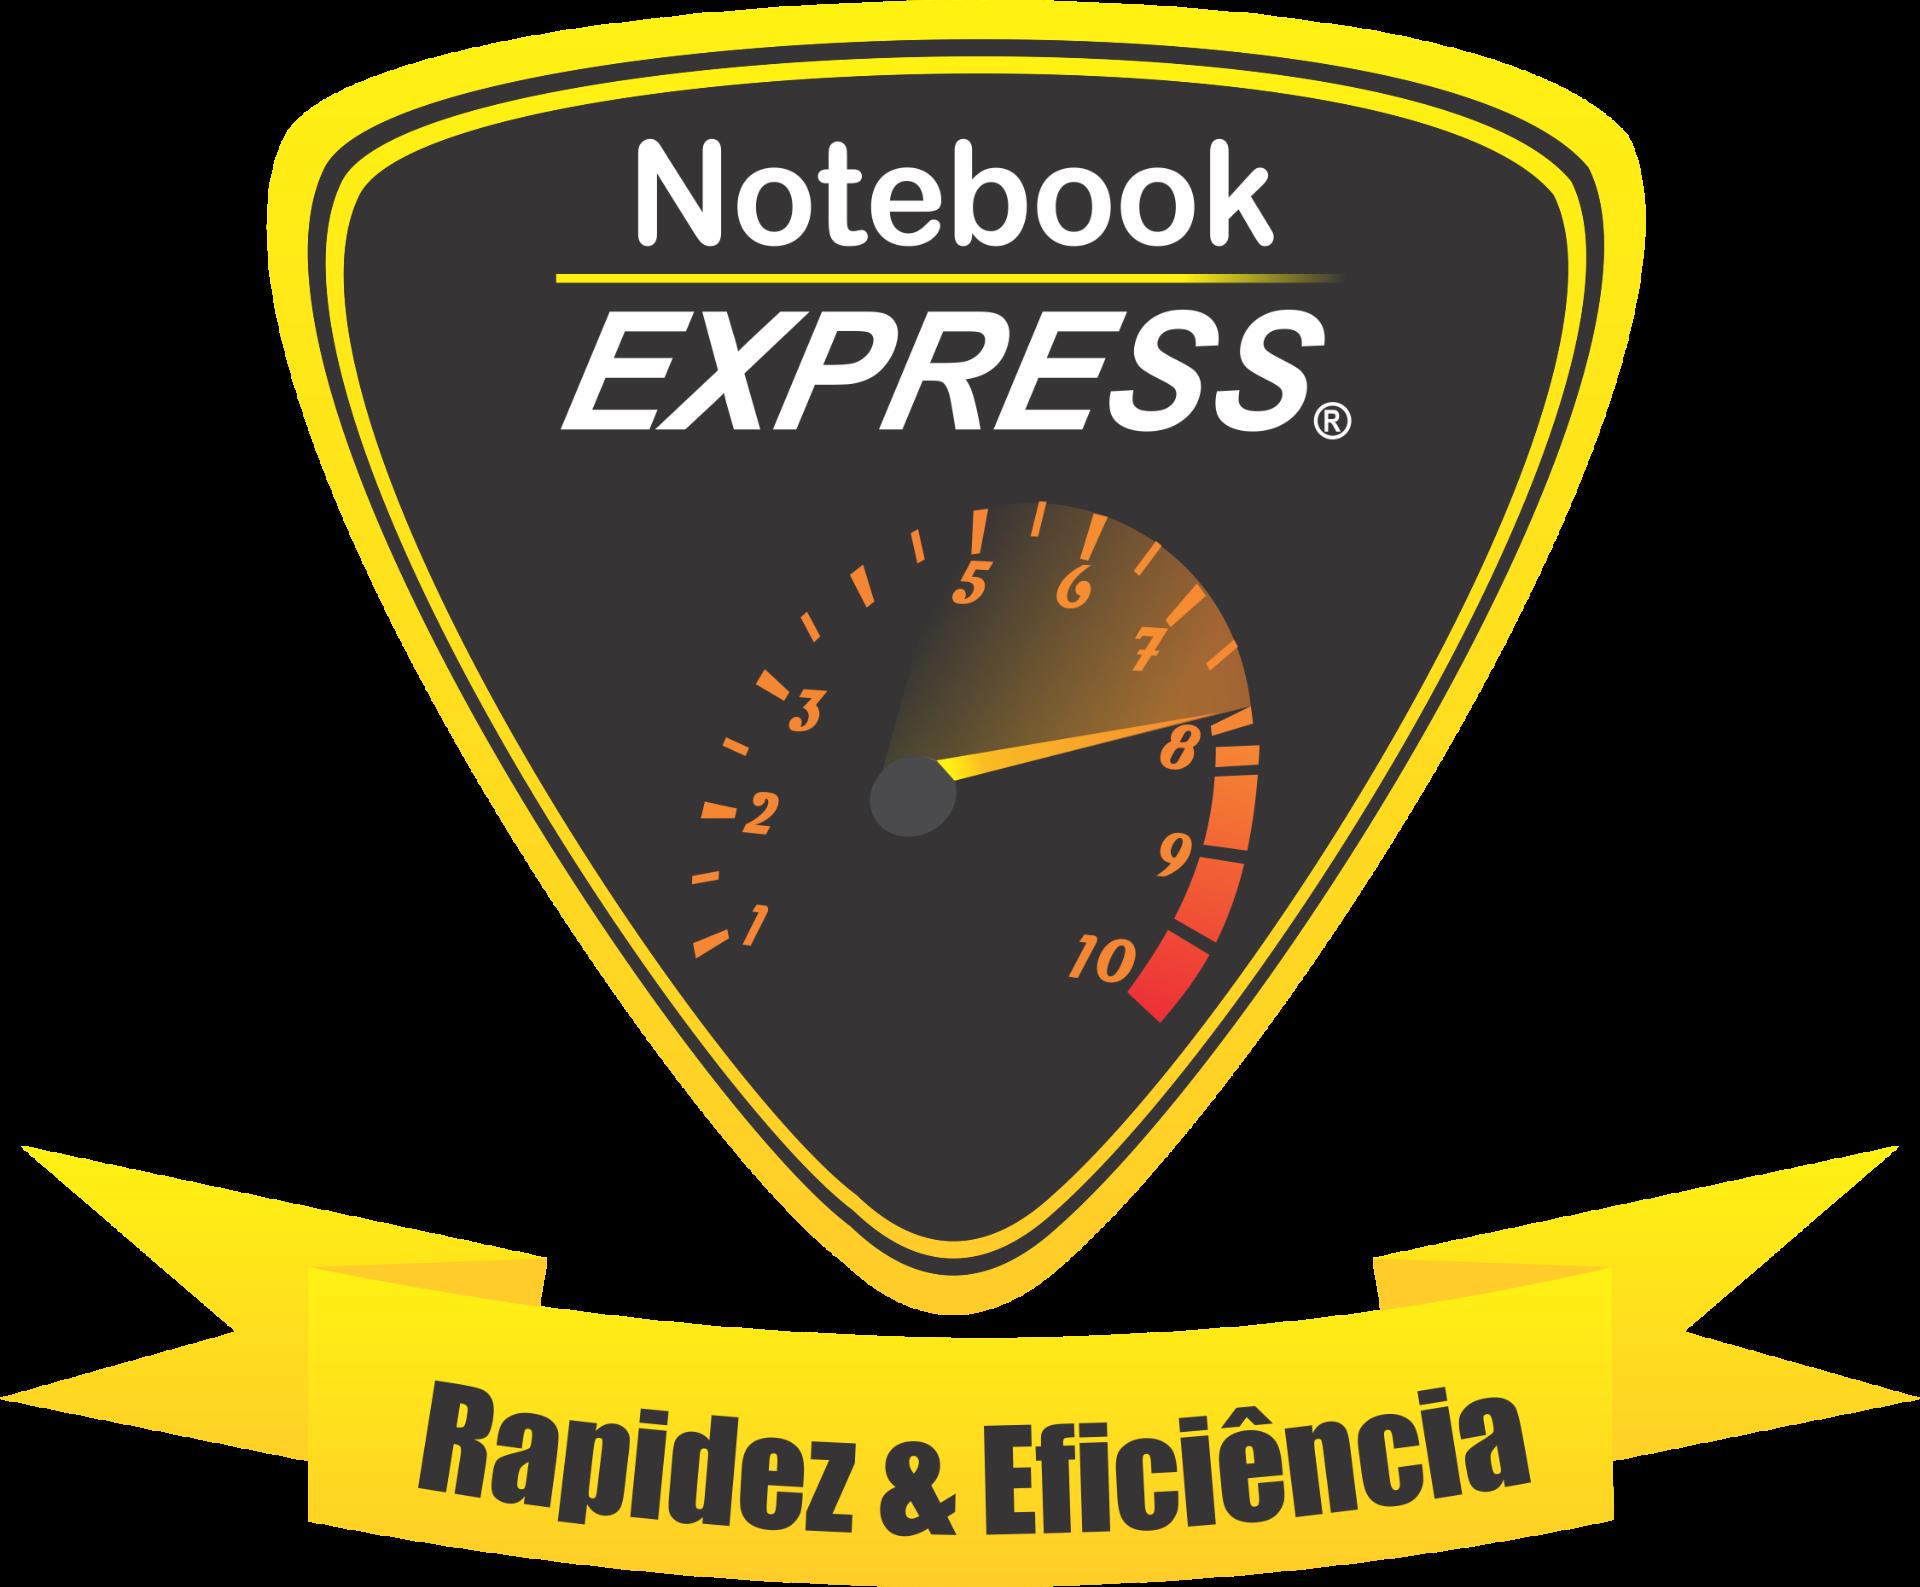 NB Express